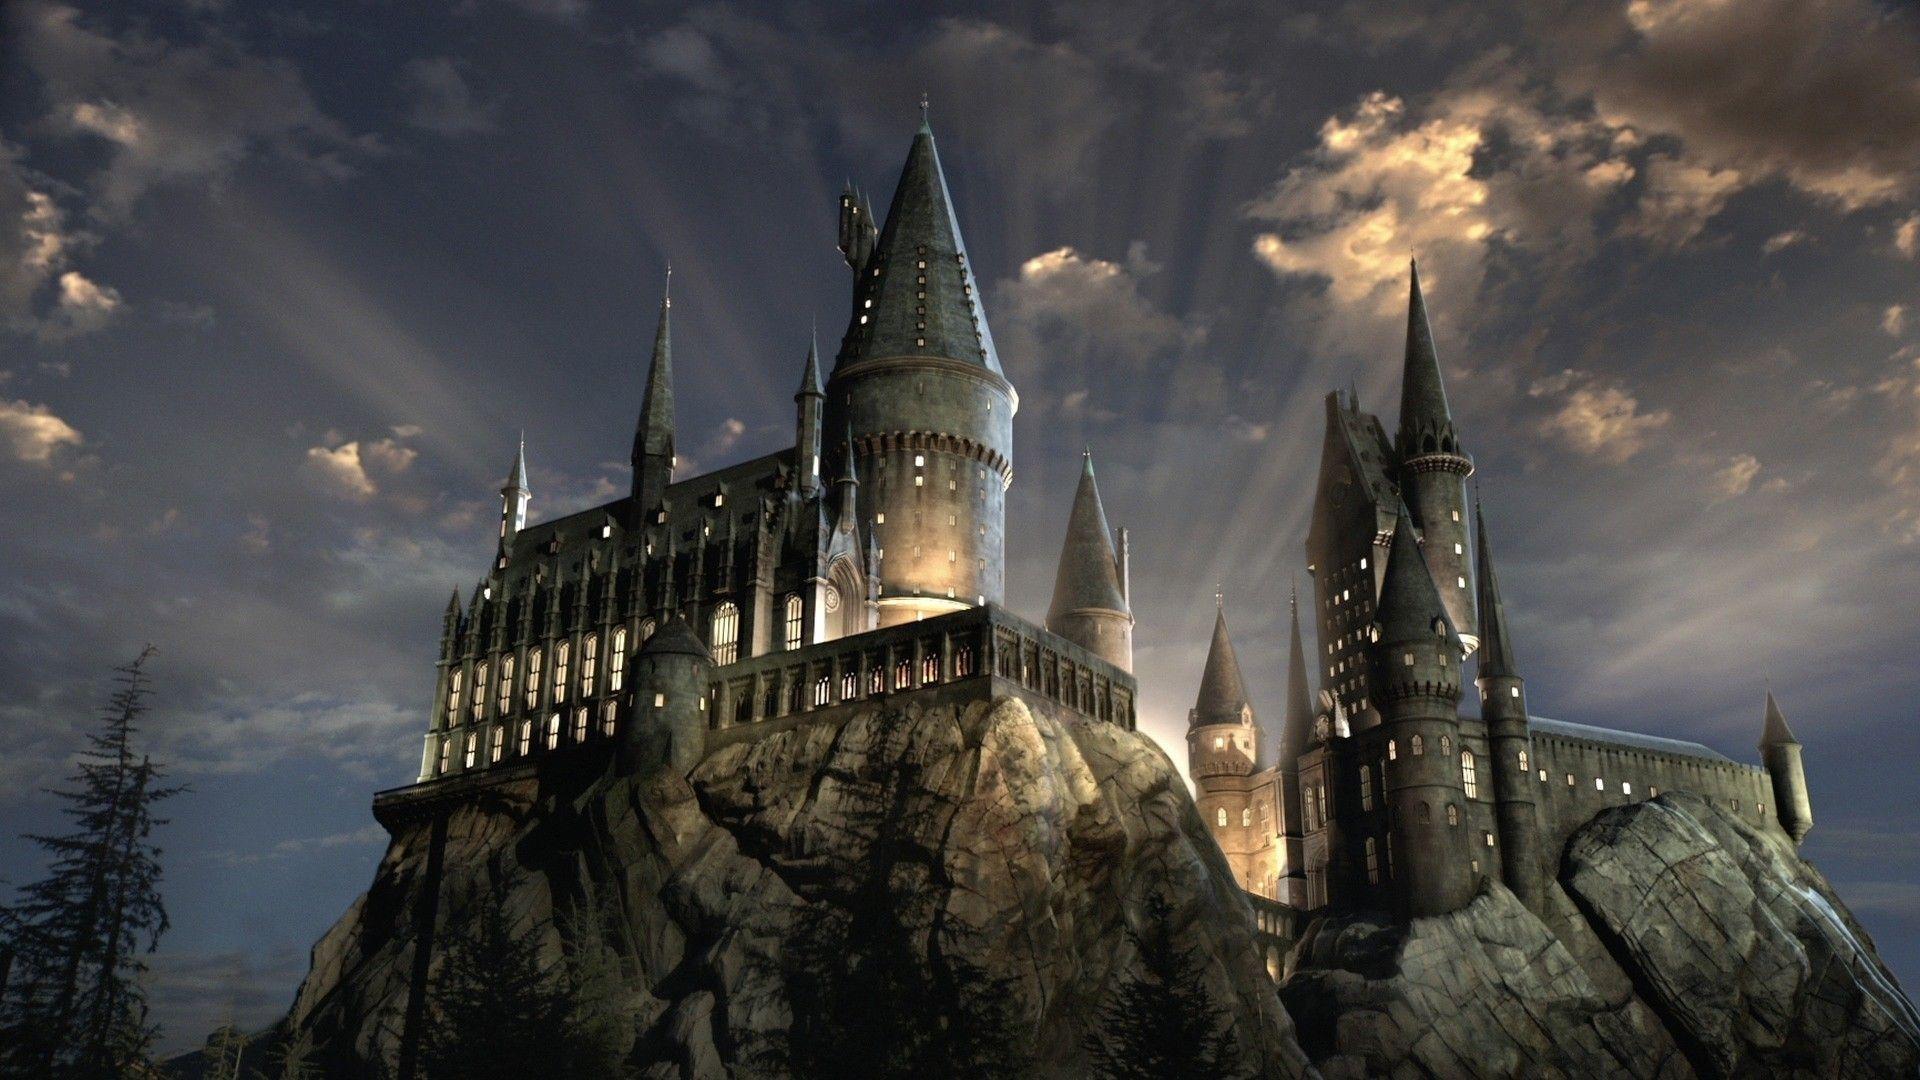 Great Hall Harry Potter Desktop Wallpapers - Top Free ...